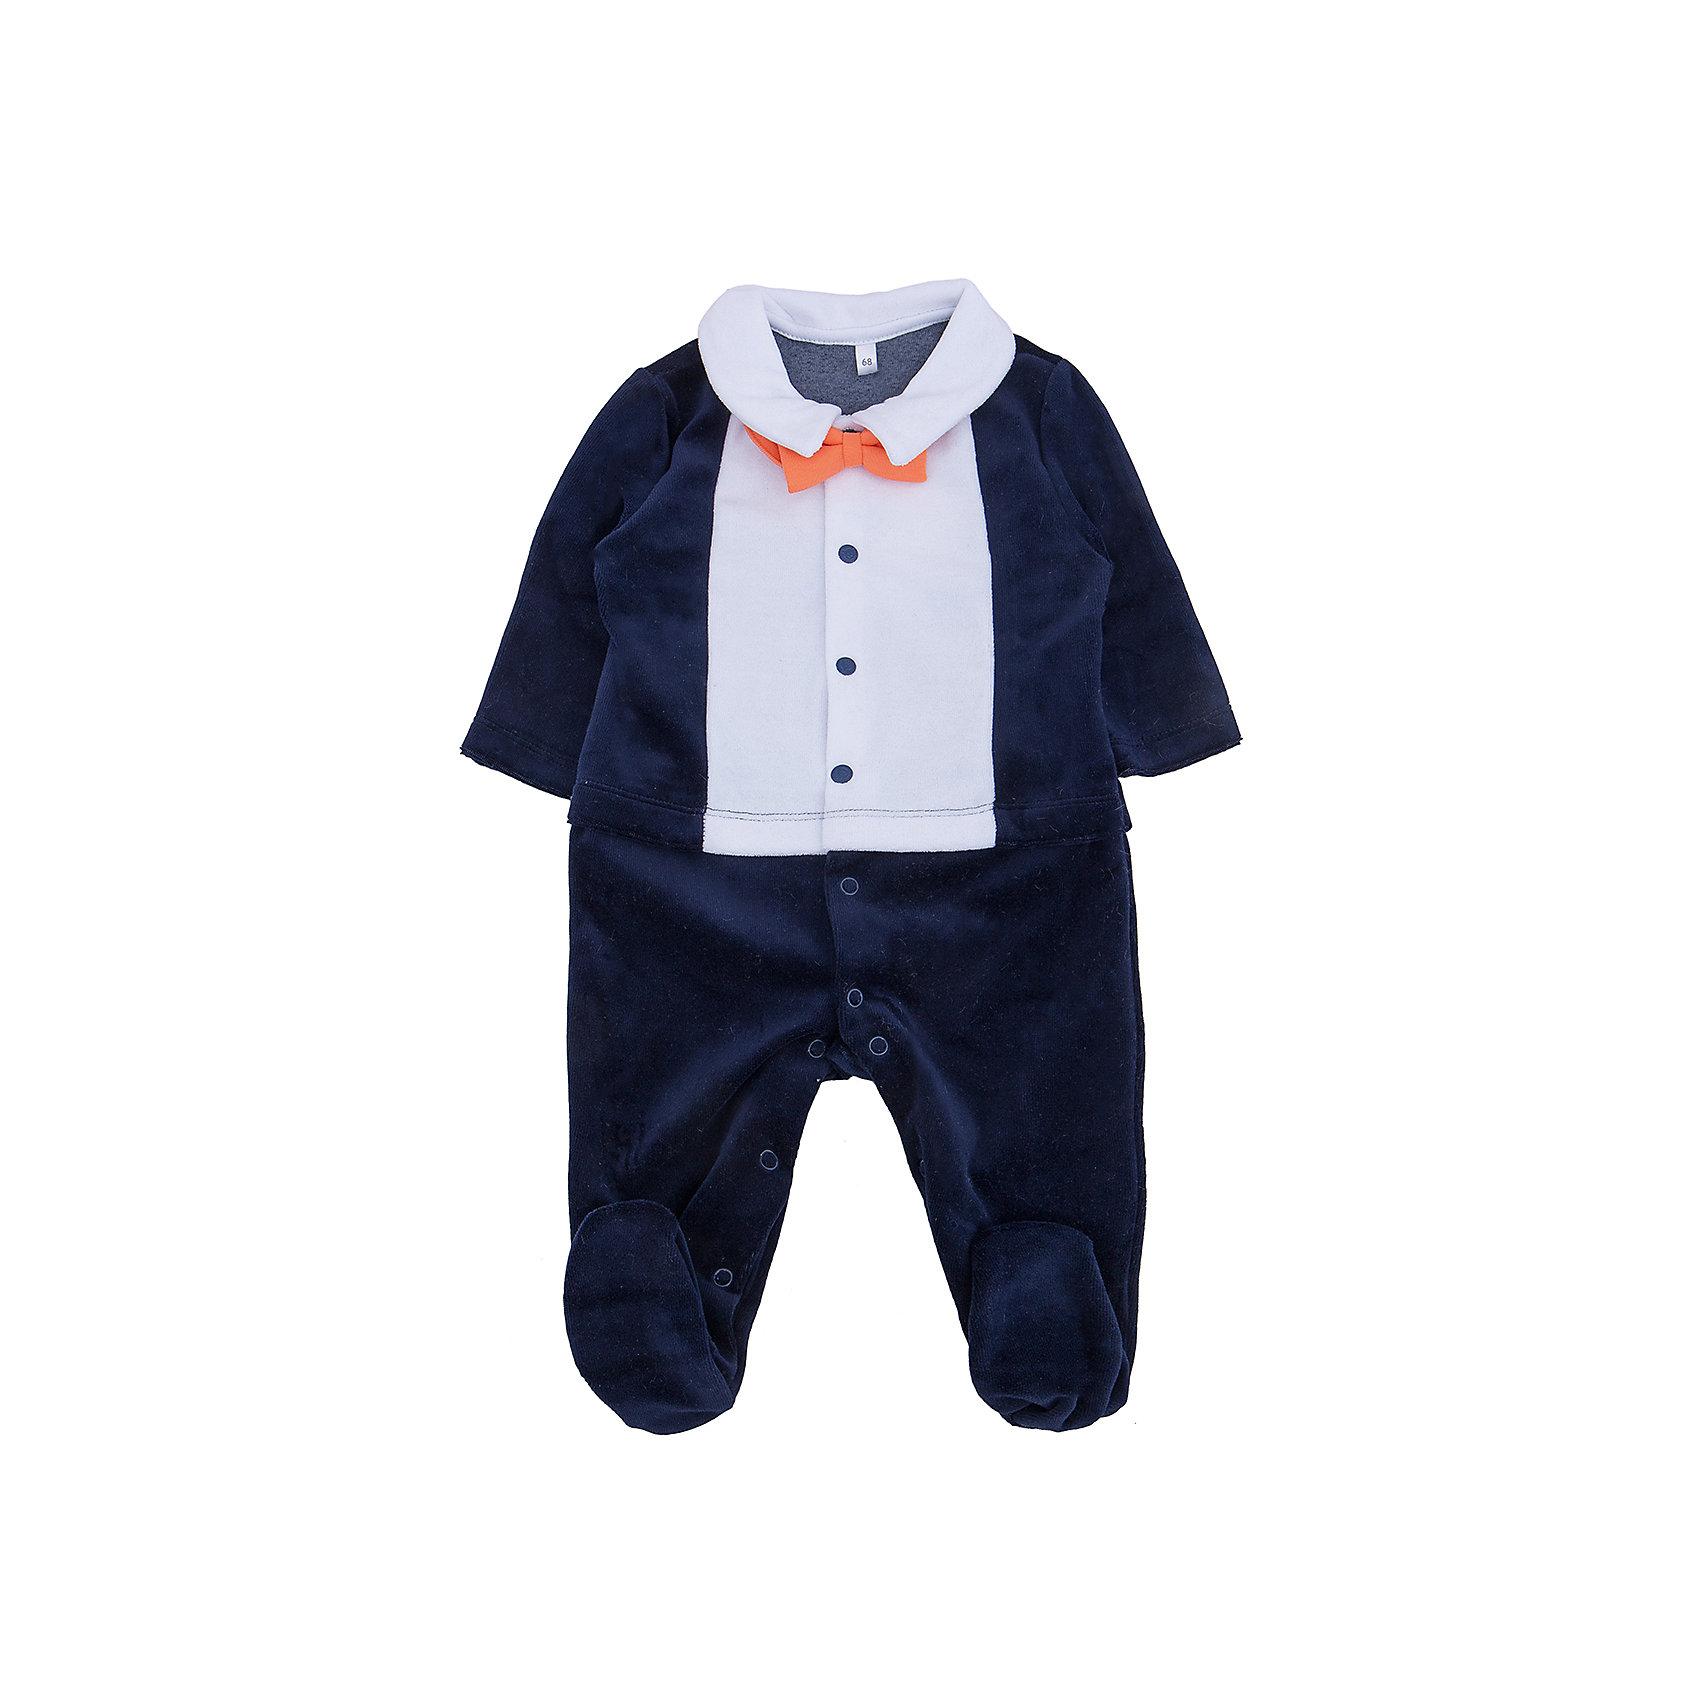 Комбинезон для мальчика Soni KidsКомбинезоны<br>Характеристики товара:<br><br>• цвет: белый<br>• материал: 80% хлопок, 20% полиэстер<br>• декорирован бабочкой<br>• застежки: кнопки<br>• мягкие швы<br>• страна бренда: РФ<br>• страна изготовитель: РФ<br><br>К одежде для малышей предъявляются особые требования: она должна быть тщательно проработана, удобна и безопасна. Продукция известного российского бренда Soni Kids всегда учитывает эти особенности при разработке моделей детской одежды, поэтому её товары так популярны среди российских потребителей.<br>Этот комбинезон сшит из материала с добавлением натурального хлопка, который не вызывает аллергии и позволяет коже малышей дышать. Застежки и швы тщательно обработаны, что обеспечивает ребенку необходимый комфорт. Модель сшита из качественных и проверенных материалов, которые безопасны для детей.<br><br>Комбинезон для мальчика от бренда Soni Kids (Сони кидс) можно купить в нашем интернет-магазине.<br><br>Ширина мм: 157<br>Глубина мм: 13<br>Высота мм: 119<br>Вес г: 200<br>Цвет: голубой<br>Возраст от месяцев: 2<br>Возраст до месяцев: 5<br>Пол: Мужской<br>Возраст: Детский<br>Размер: 62,74,68<br>SKU: 5162673